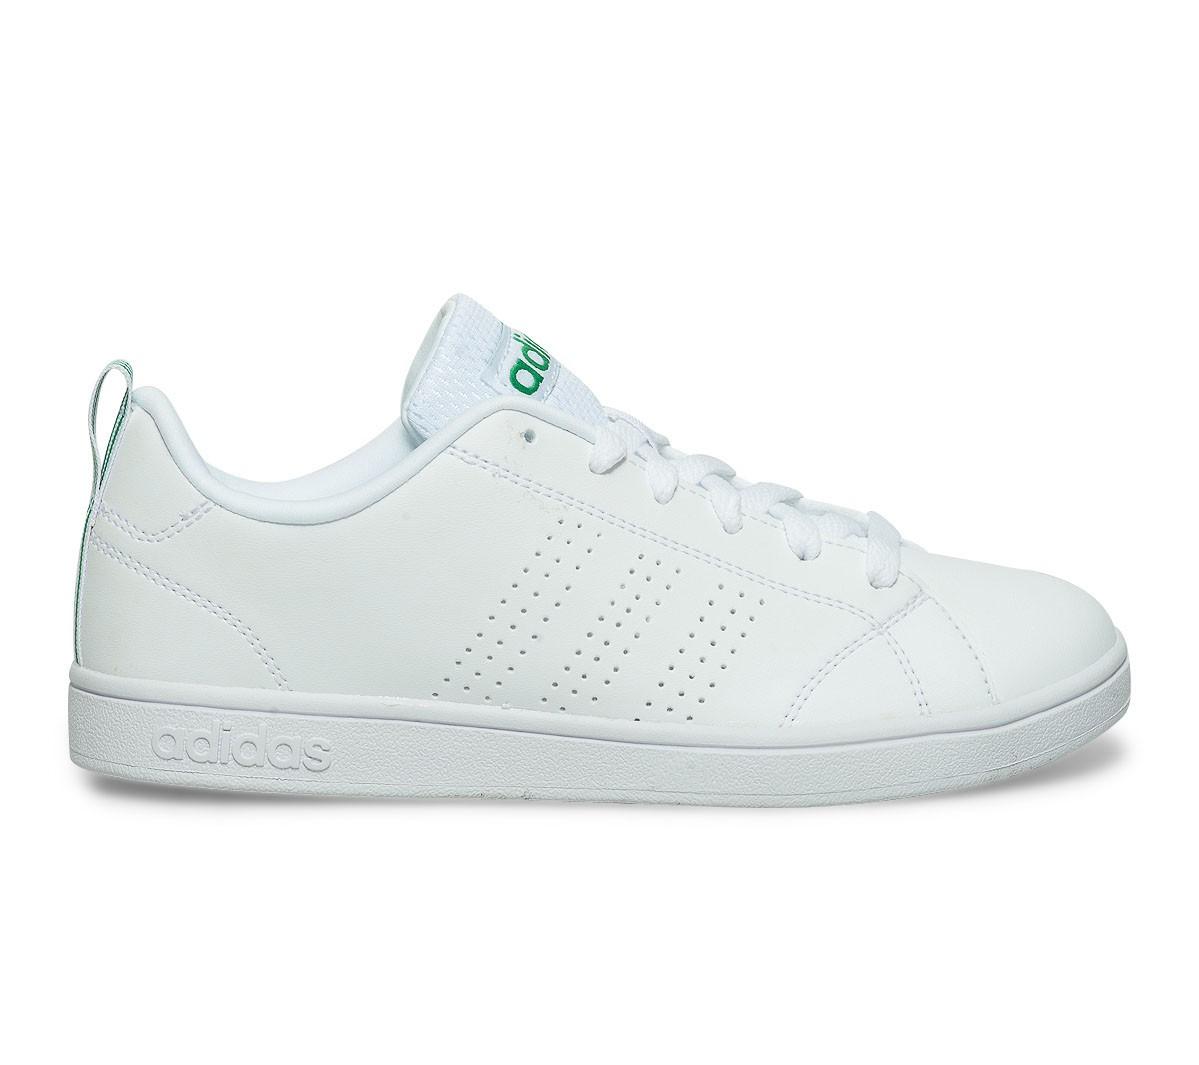 97842635df Réduction authentique basket adidas fille blanche Baskets - panier ...